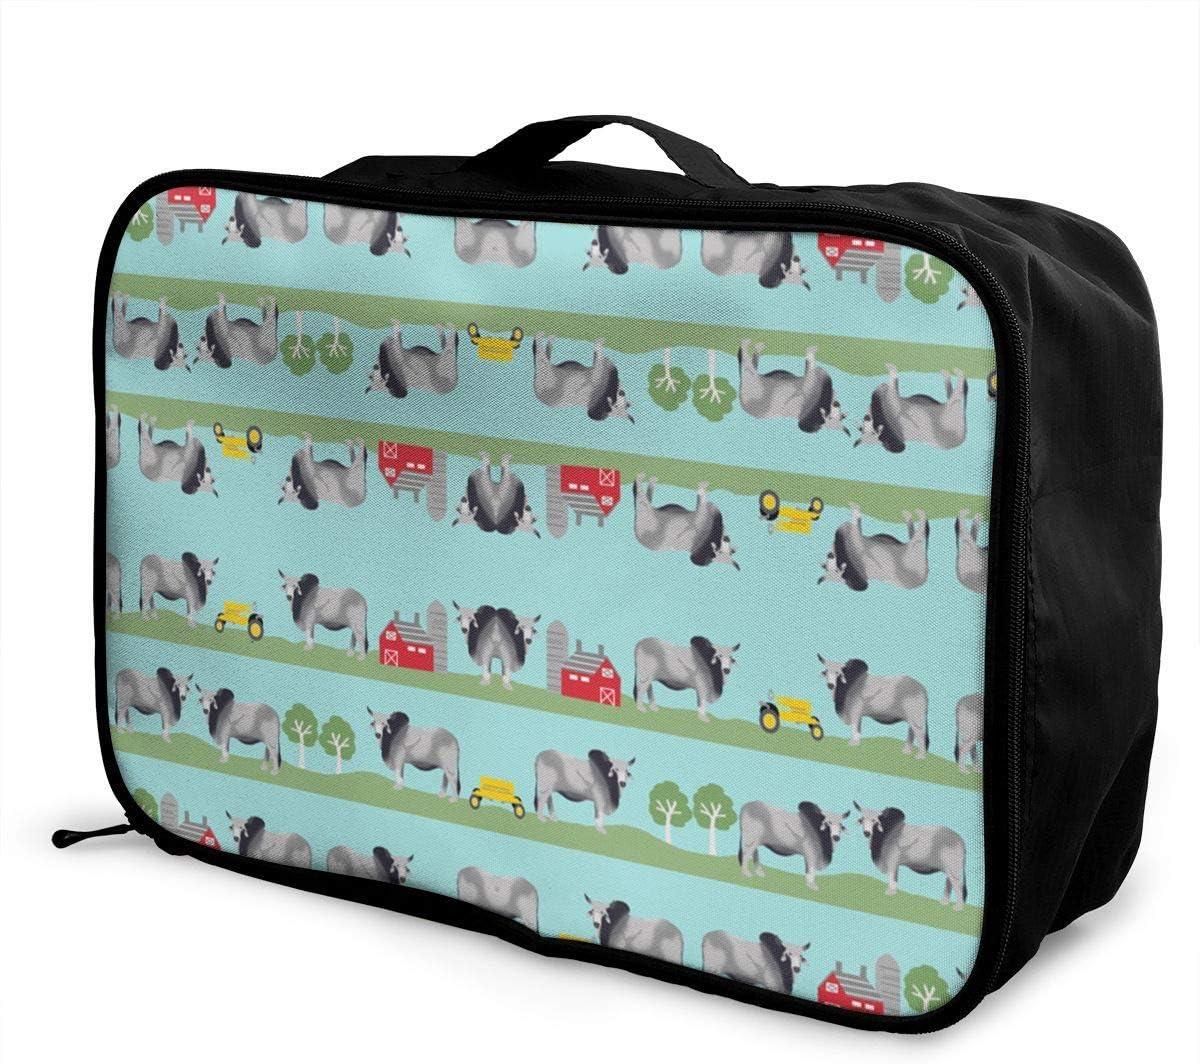 Bolsa de Equipaje portátil Multifuncional de Moda Bolsa de Almacenamiento de Viaje de Lona Plegable Impermeable - n Ganado Tejido Farm Ranch Design